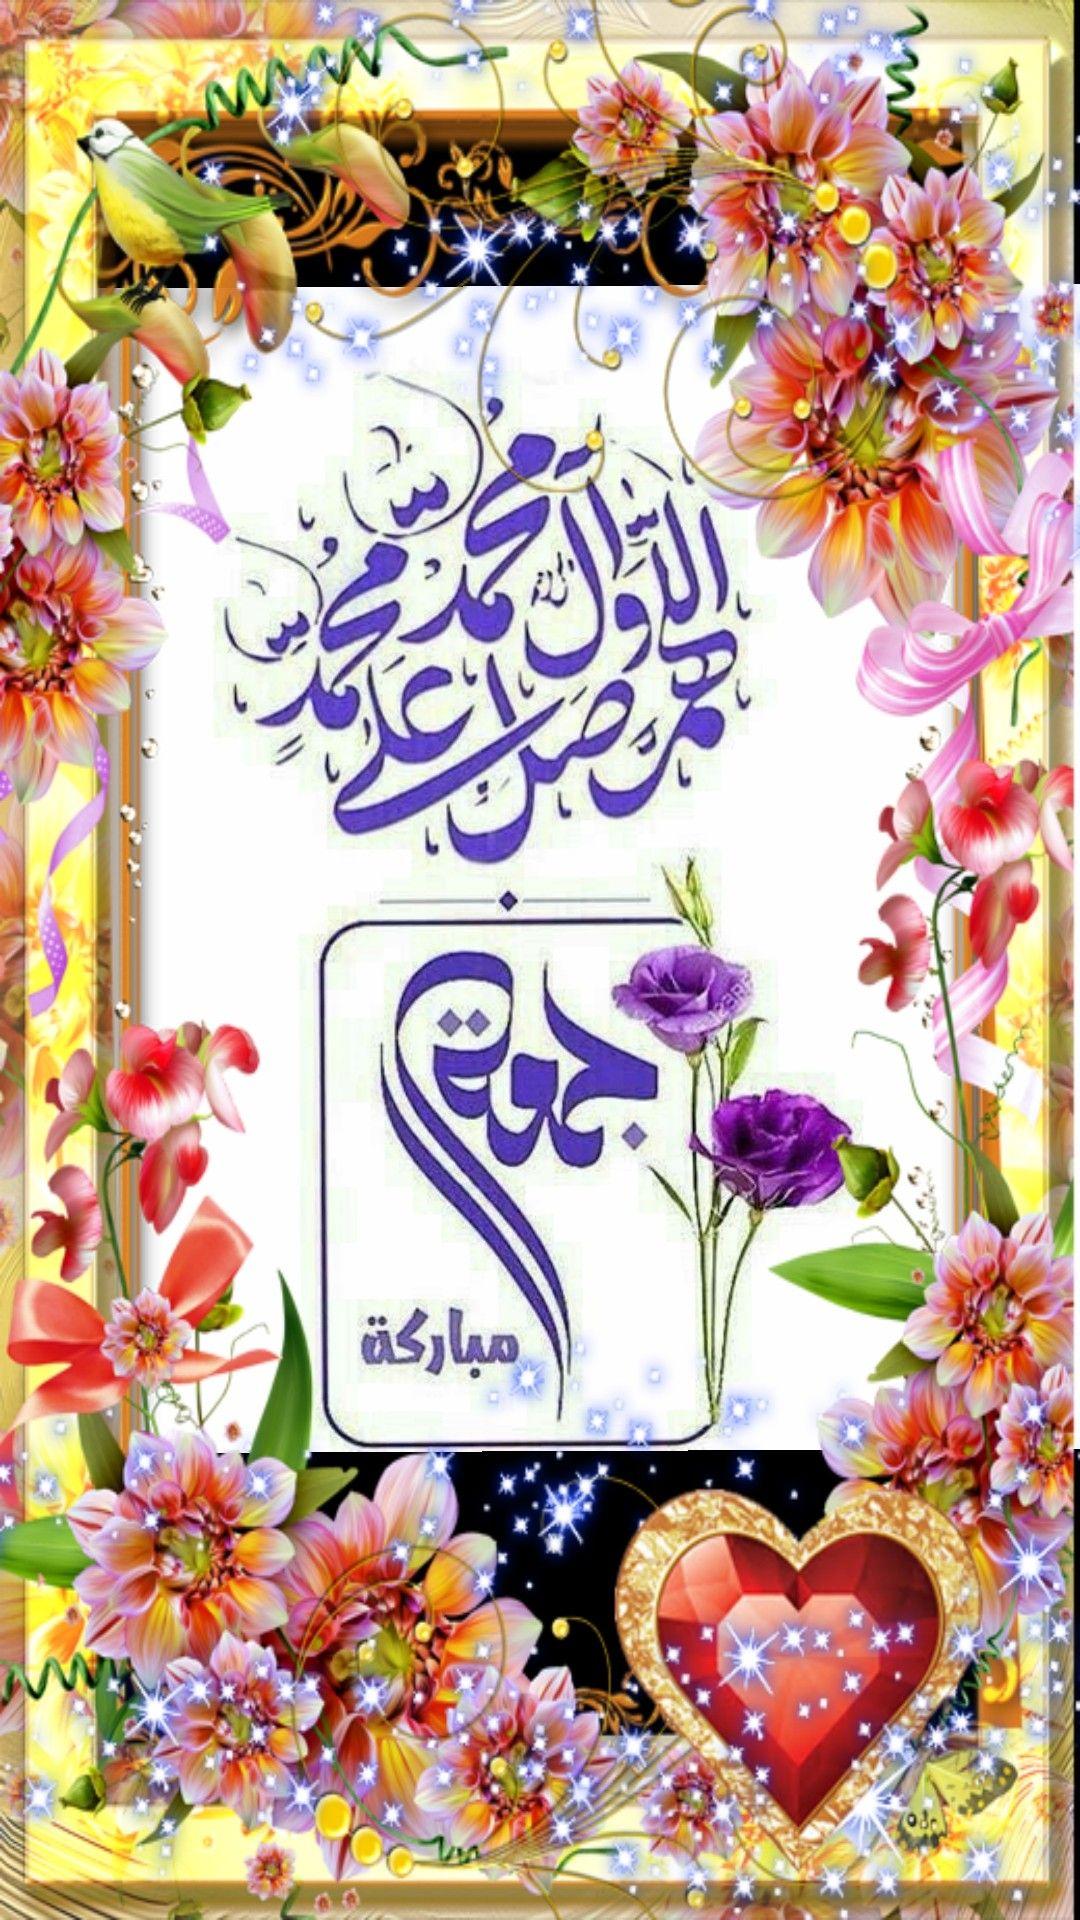 اللهم صل على محمد وآل محمد وعجل فرجهم جمعة مباركة Jumah Mubarak Juma Mubarak Jumma Mubarak Images